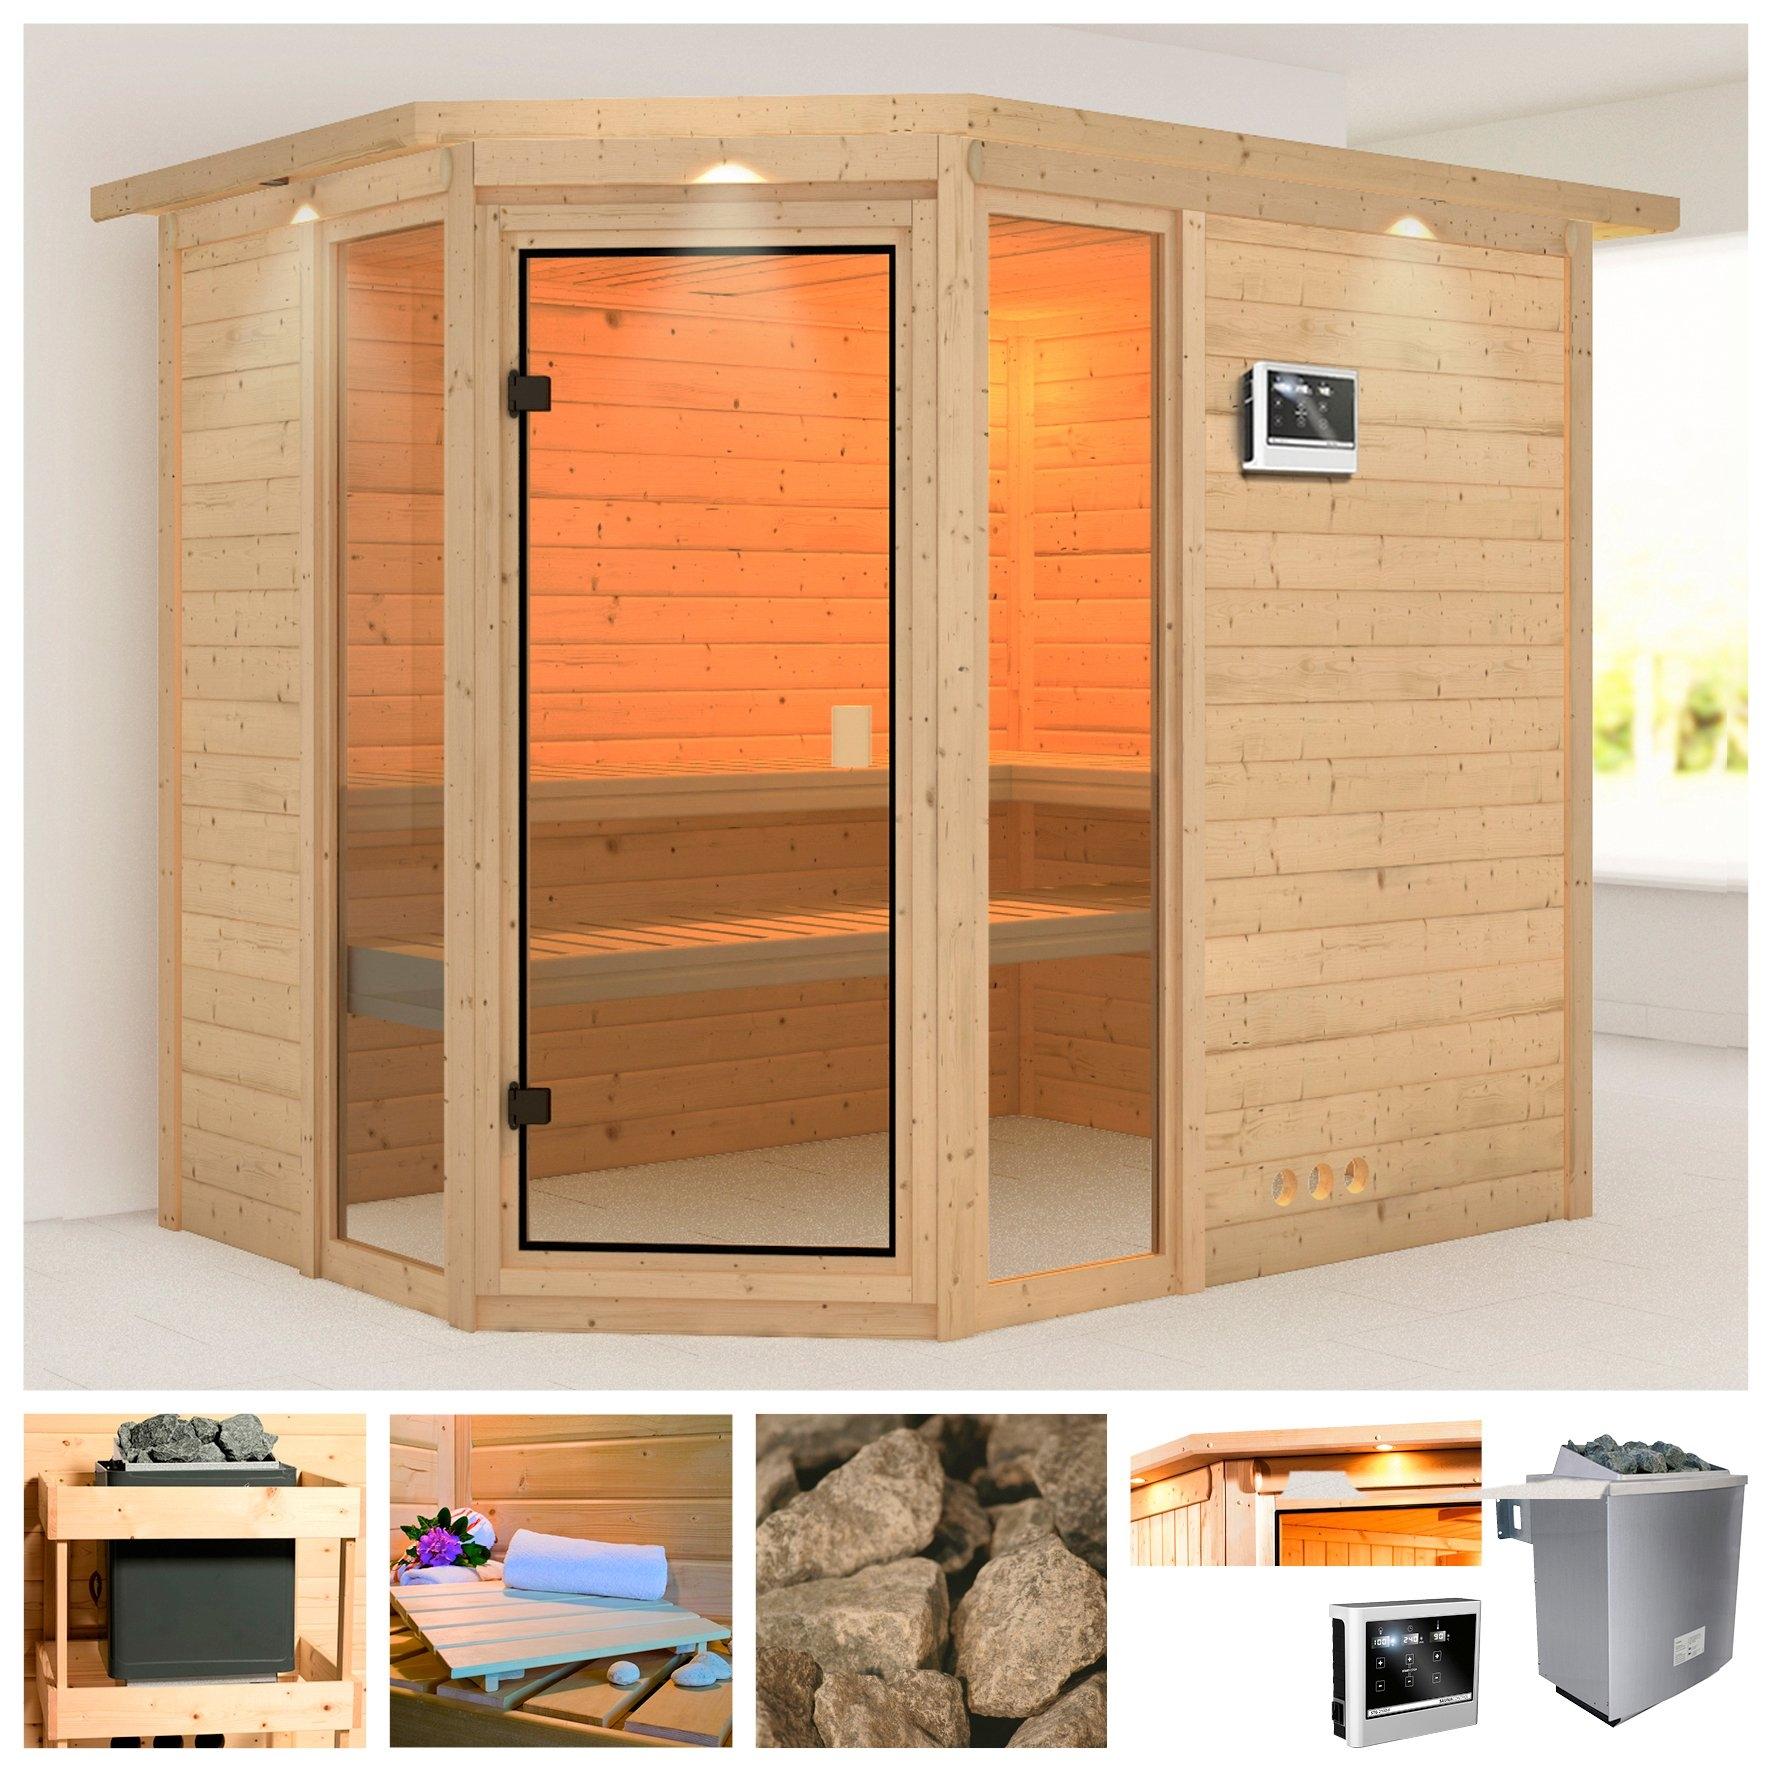 Karibu sauna »Sinai 3«, 264x198x212 cm, 9 kW Ofen mit ext. Steuerung, Dachkranz bestellen: 30 dagen bedenktijd